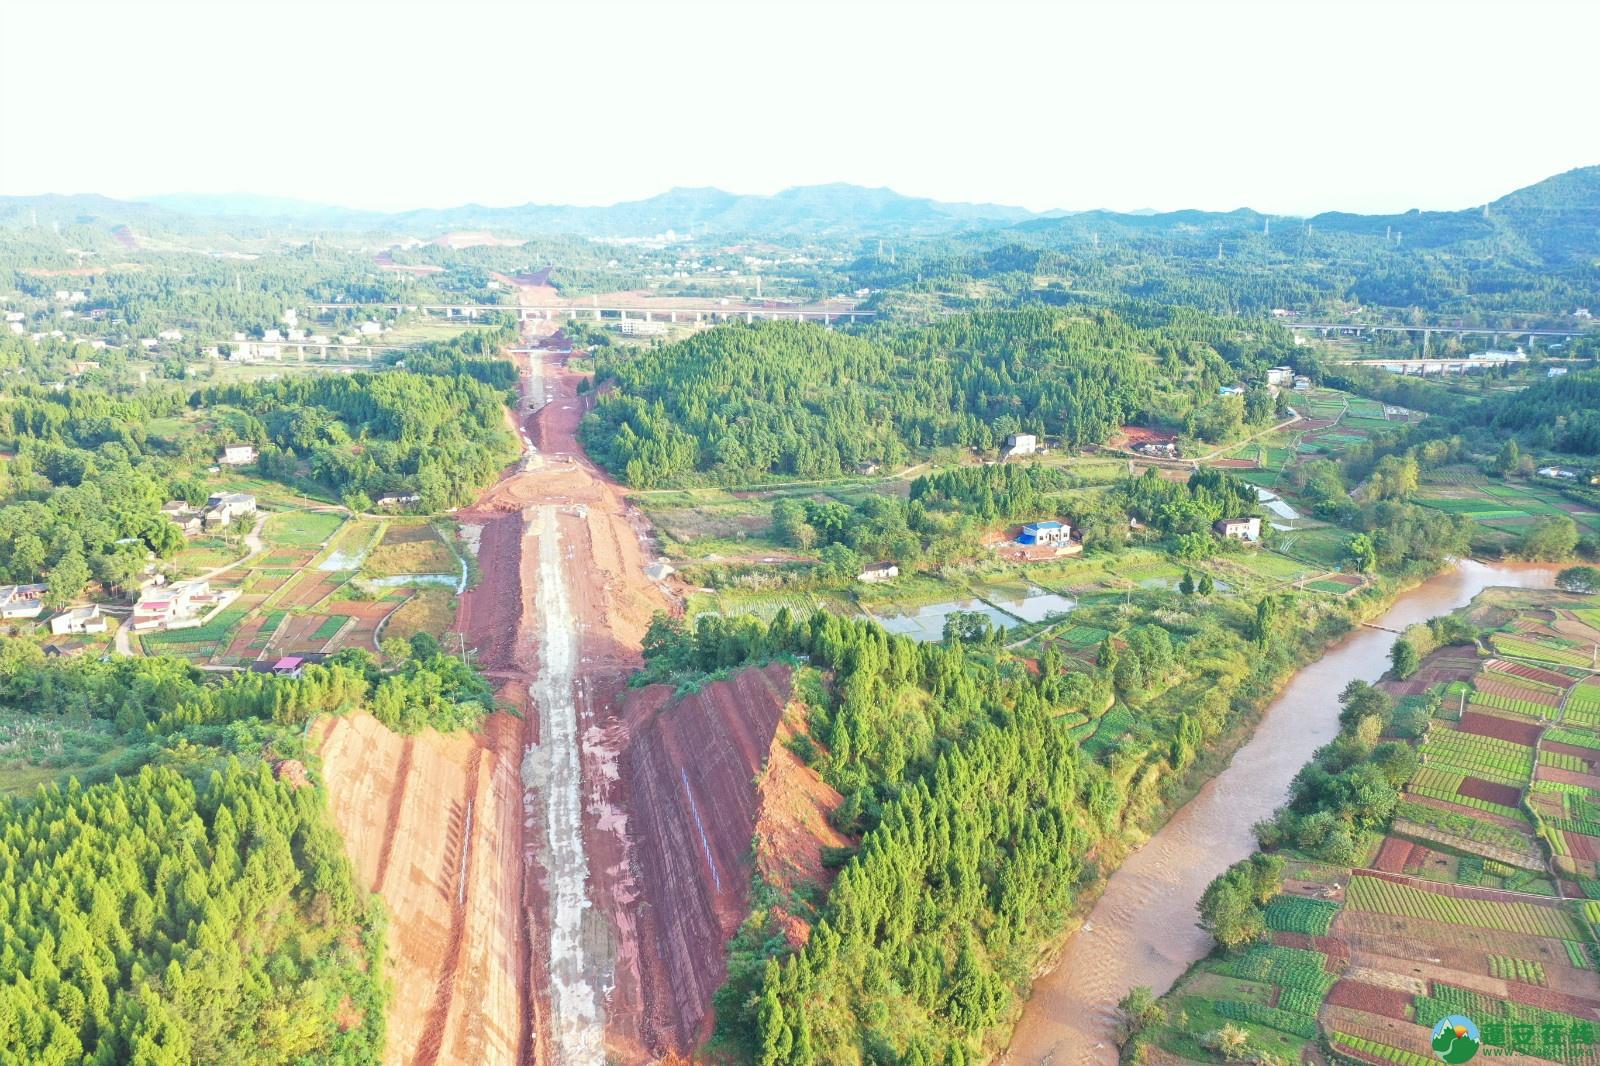 蓬安县顺蓬营一级公路最新进展(2019.10.16) - 第12张  | 蓬安在线